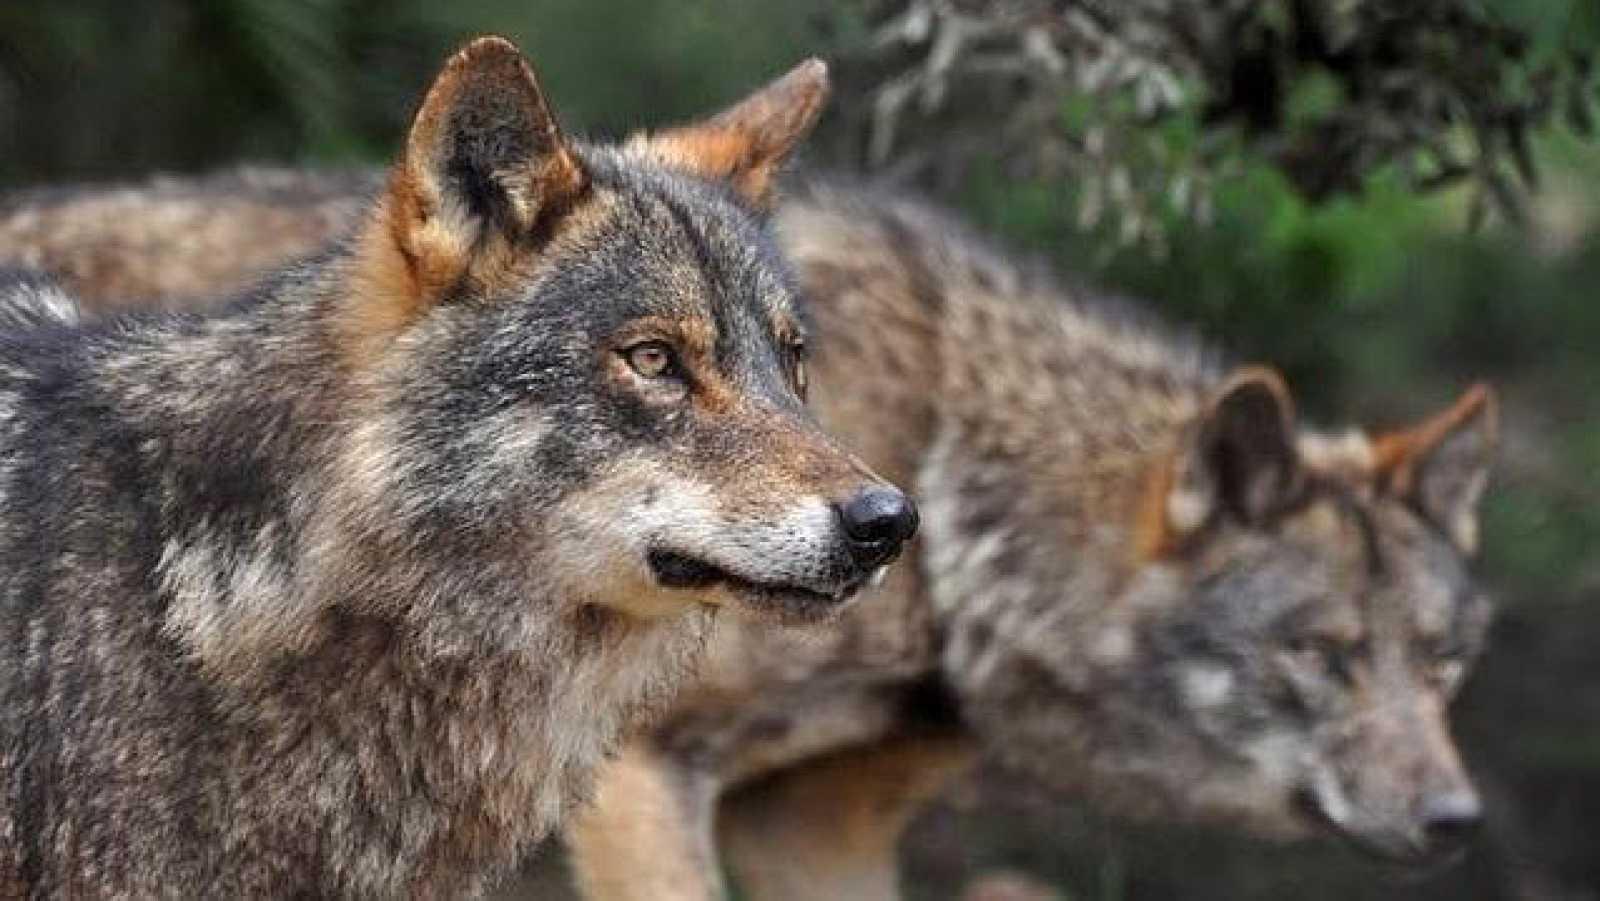 Vida verde - El lobo, los bosques y las casas - 21/10/17 - escuchar ahora